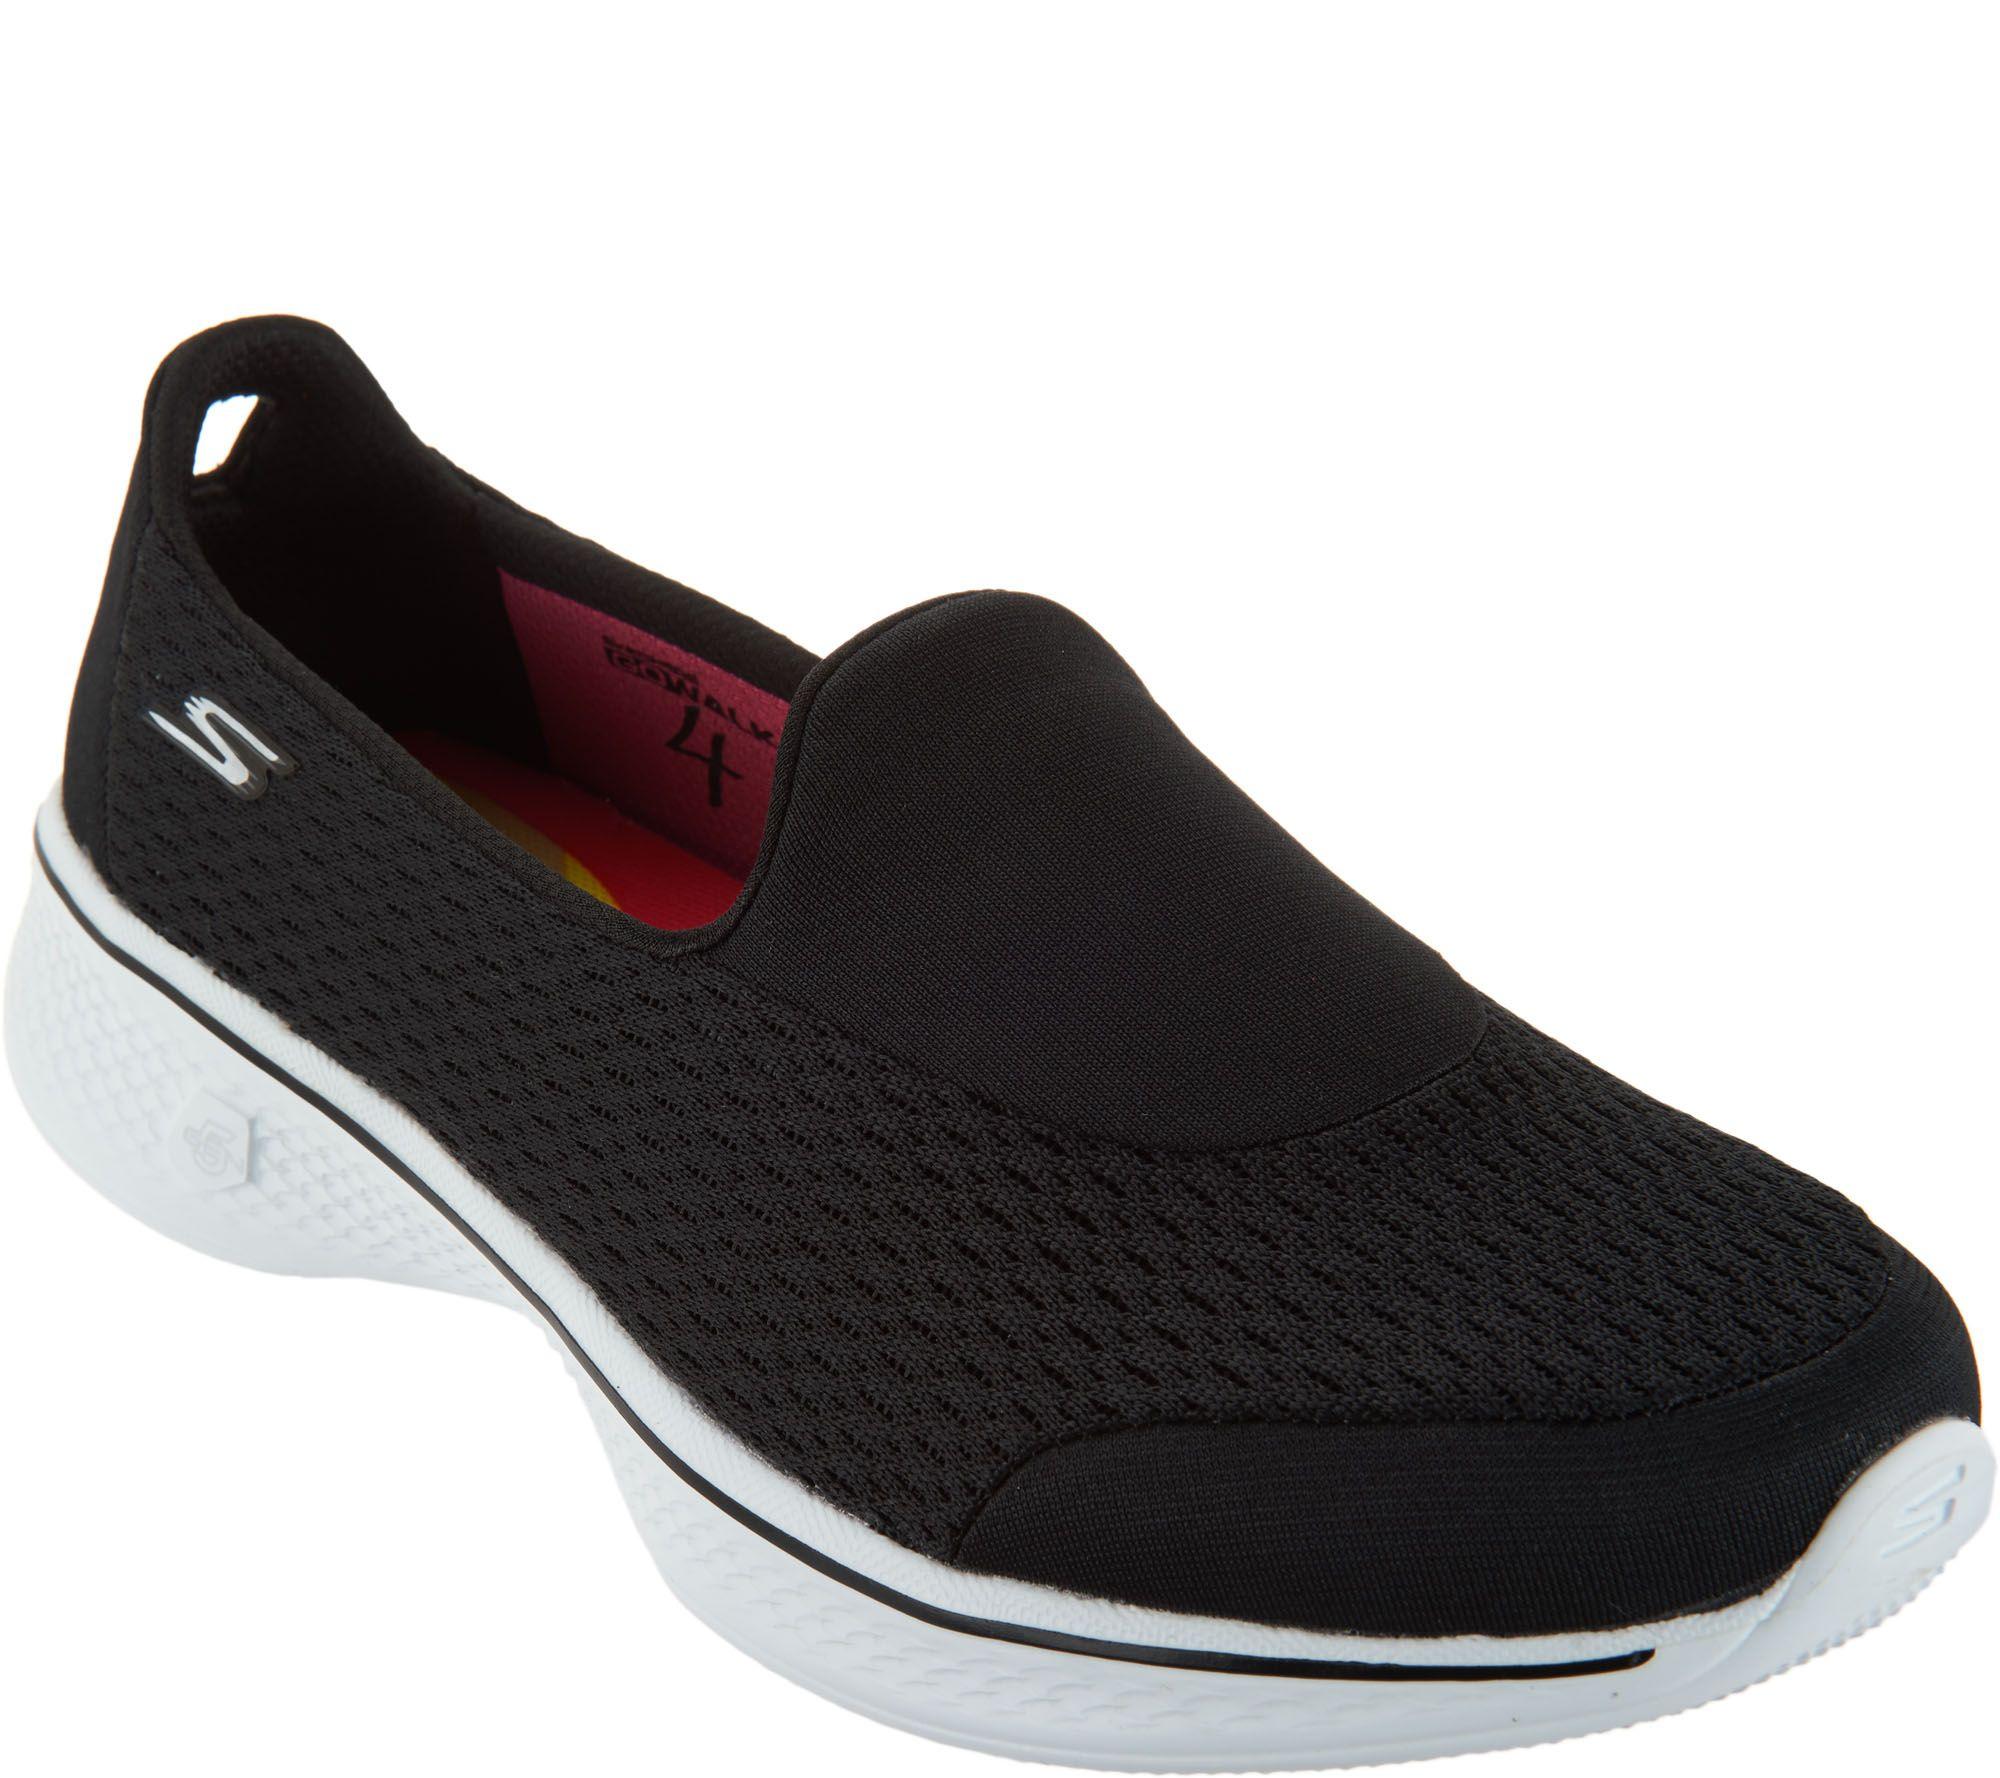 9089e177ddfbc Skechers GOwalk 4 Mesh Slip-ons - Pursuit - Page 1 — QVC.com